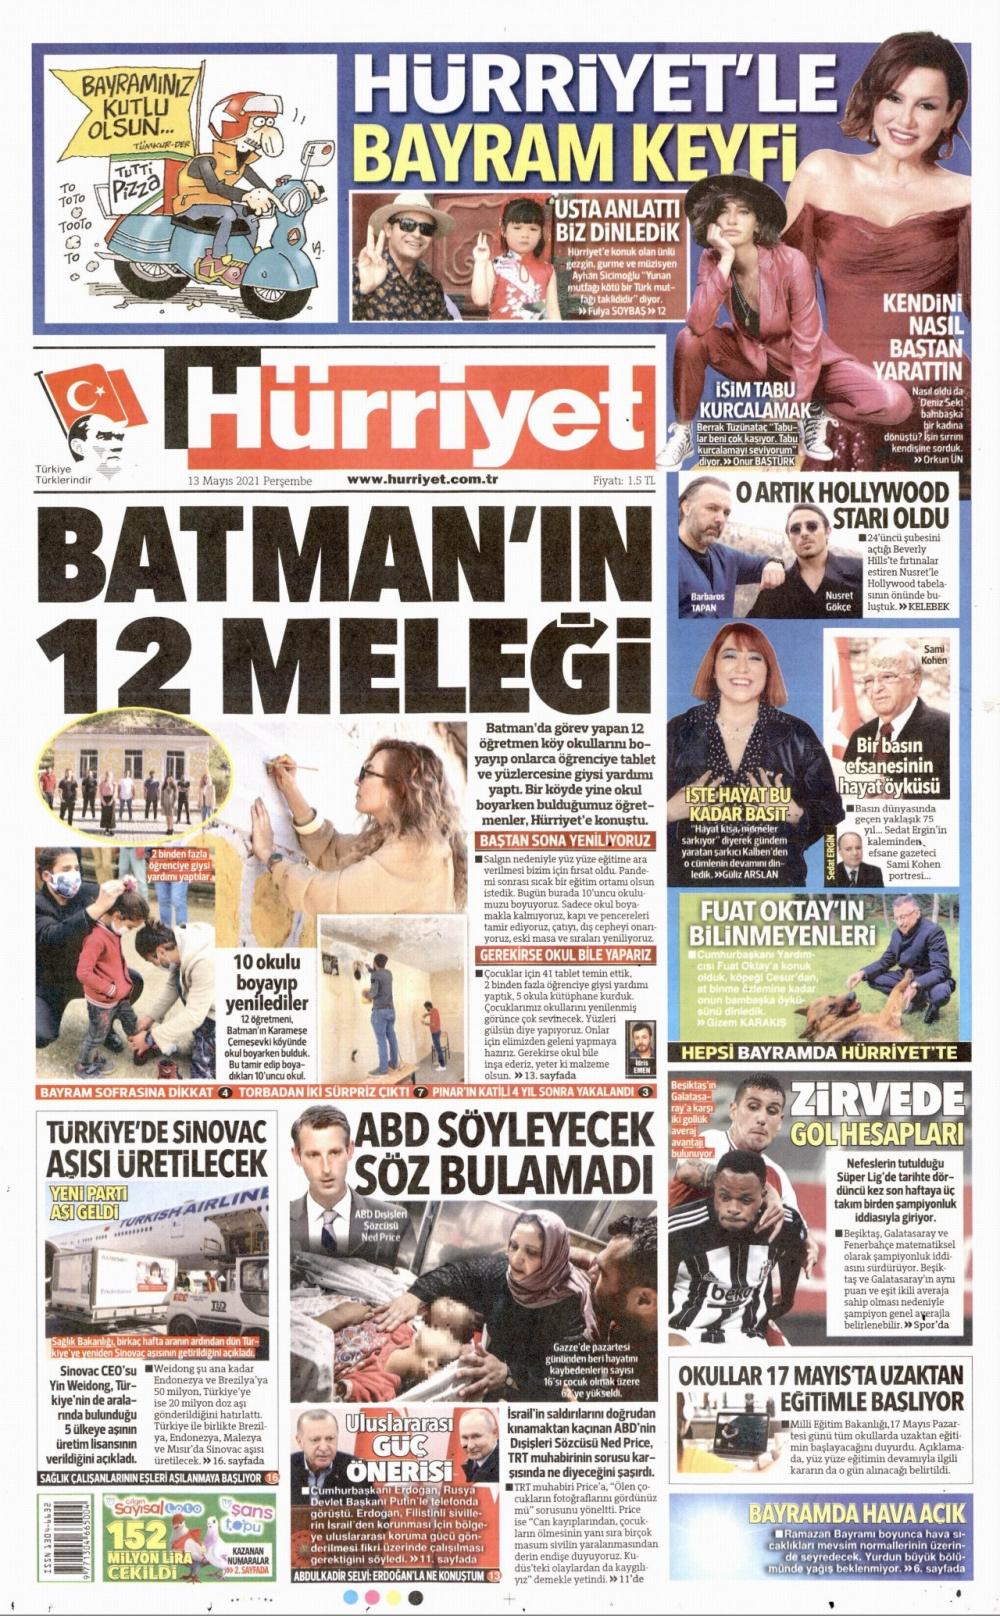 Günün Gazete Manşetleri 13 Mayıs 2021 Gazeteler Ne Diyor? 1